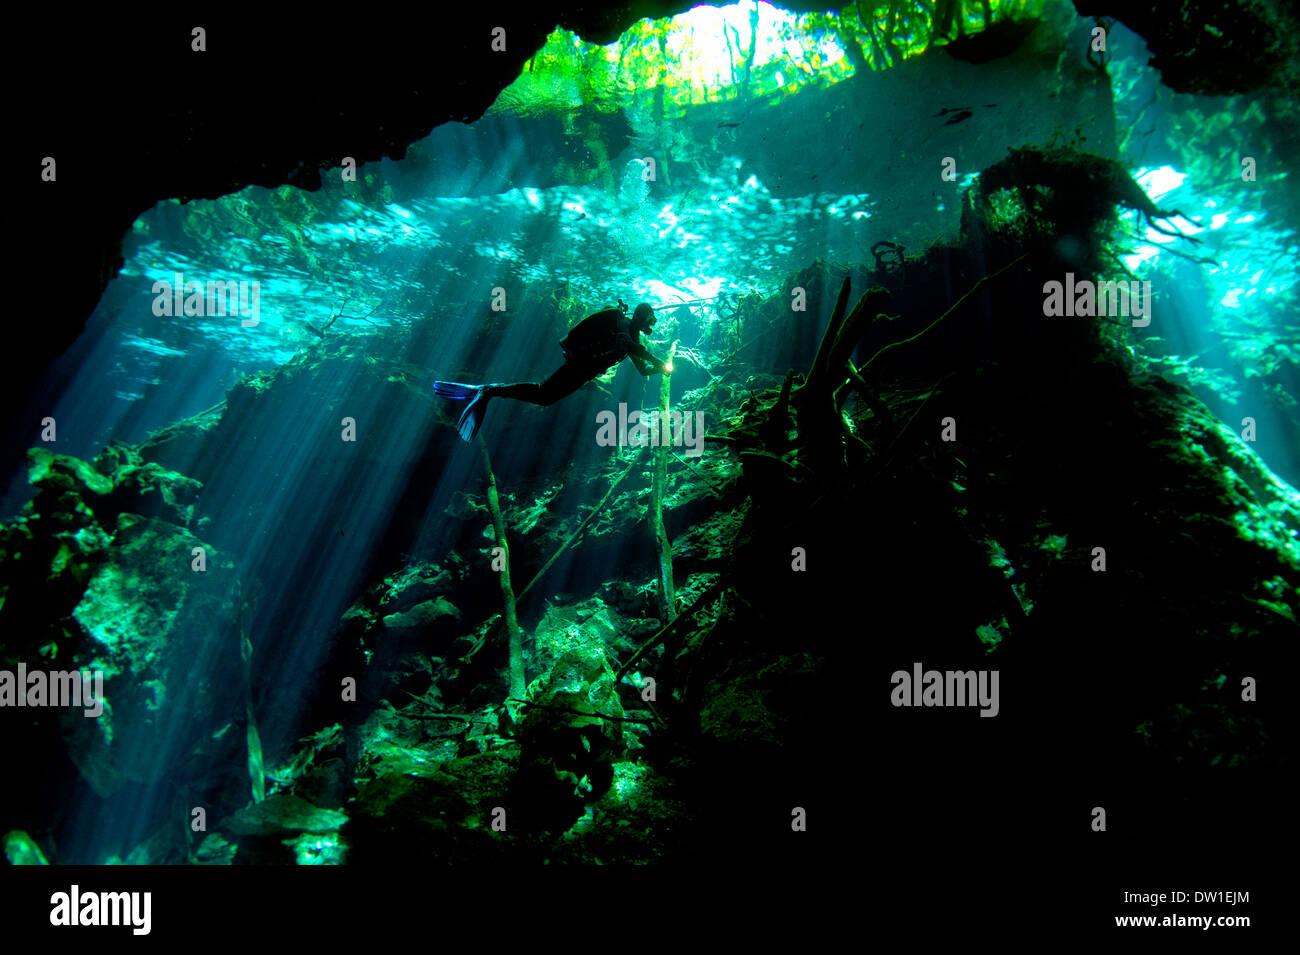 Scuba diver swimming thru the underwater Chac Mool Cenote cave, Yucatan Peninsula, Mexico - Stock Image